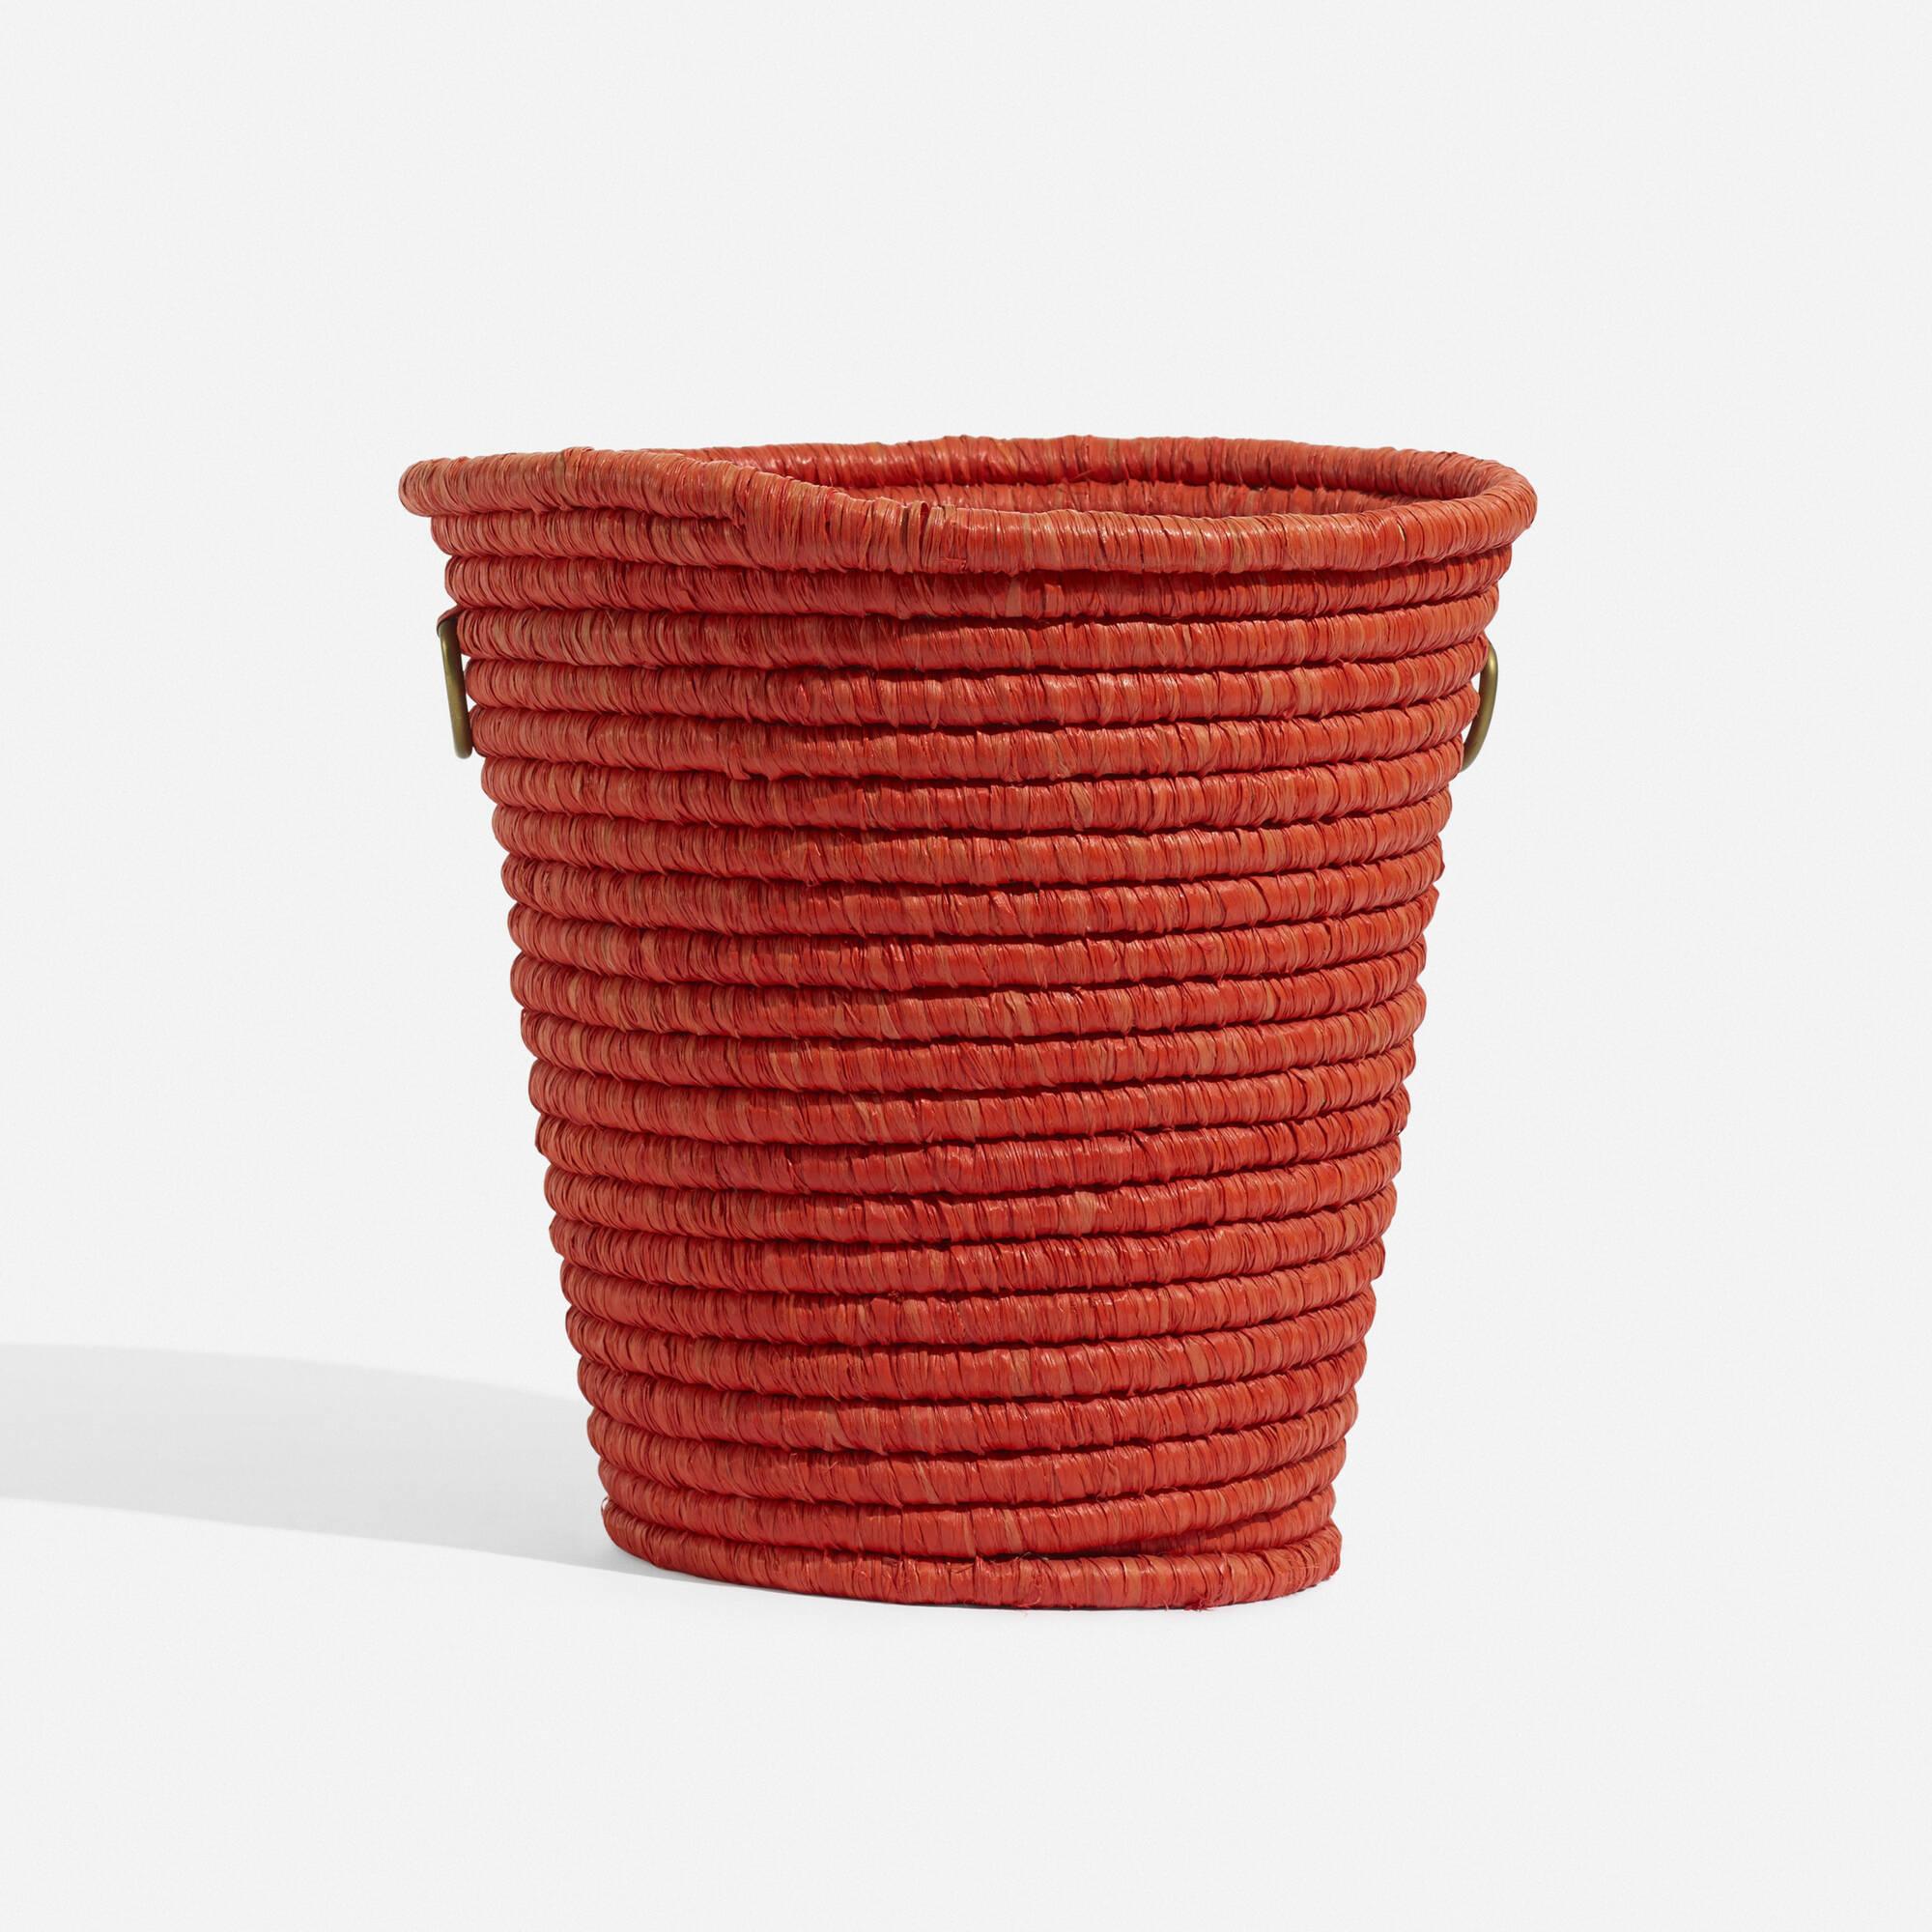 127: Carl Auböck II / wastepaper basket (2 of 2)